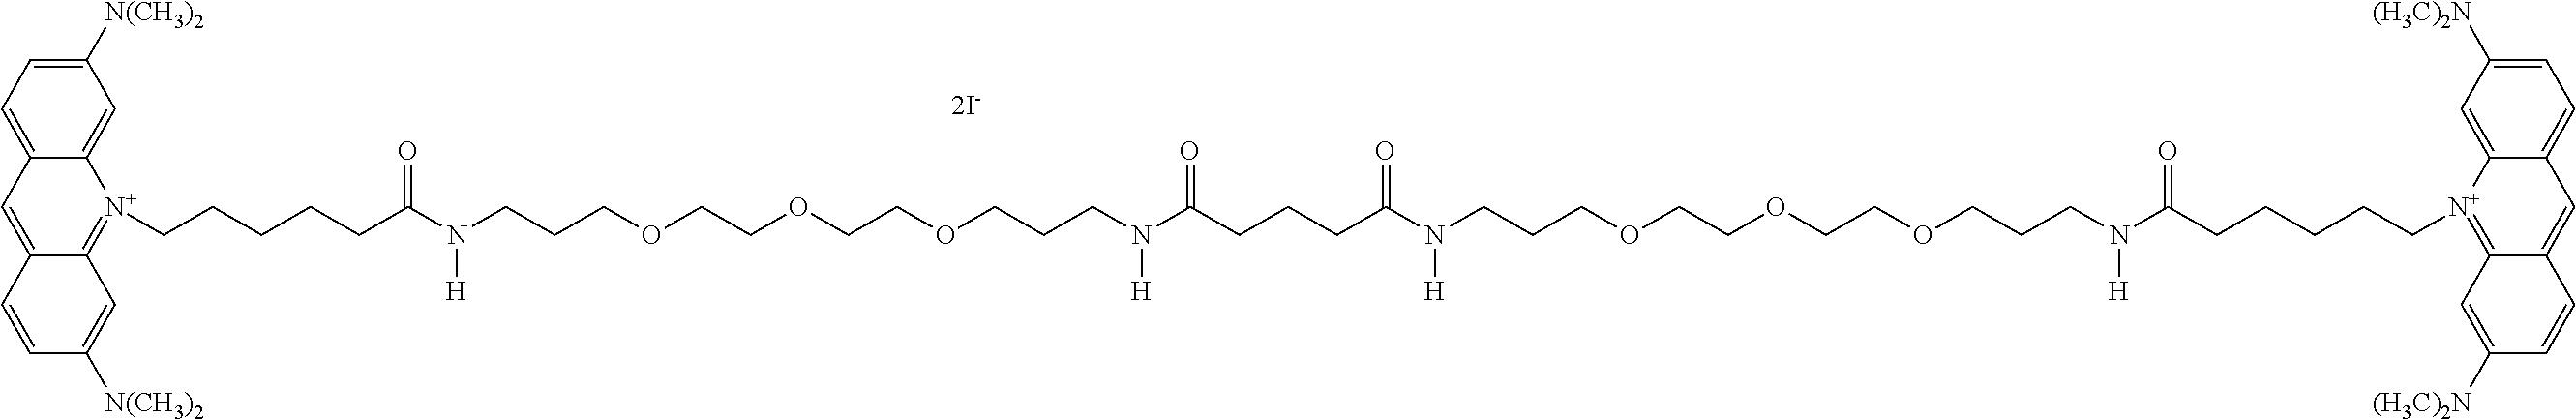 Figure US08877437-20141104-C00047